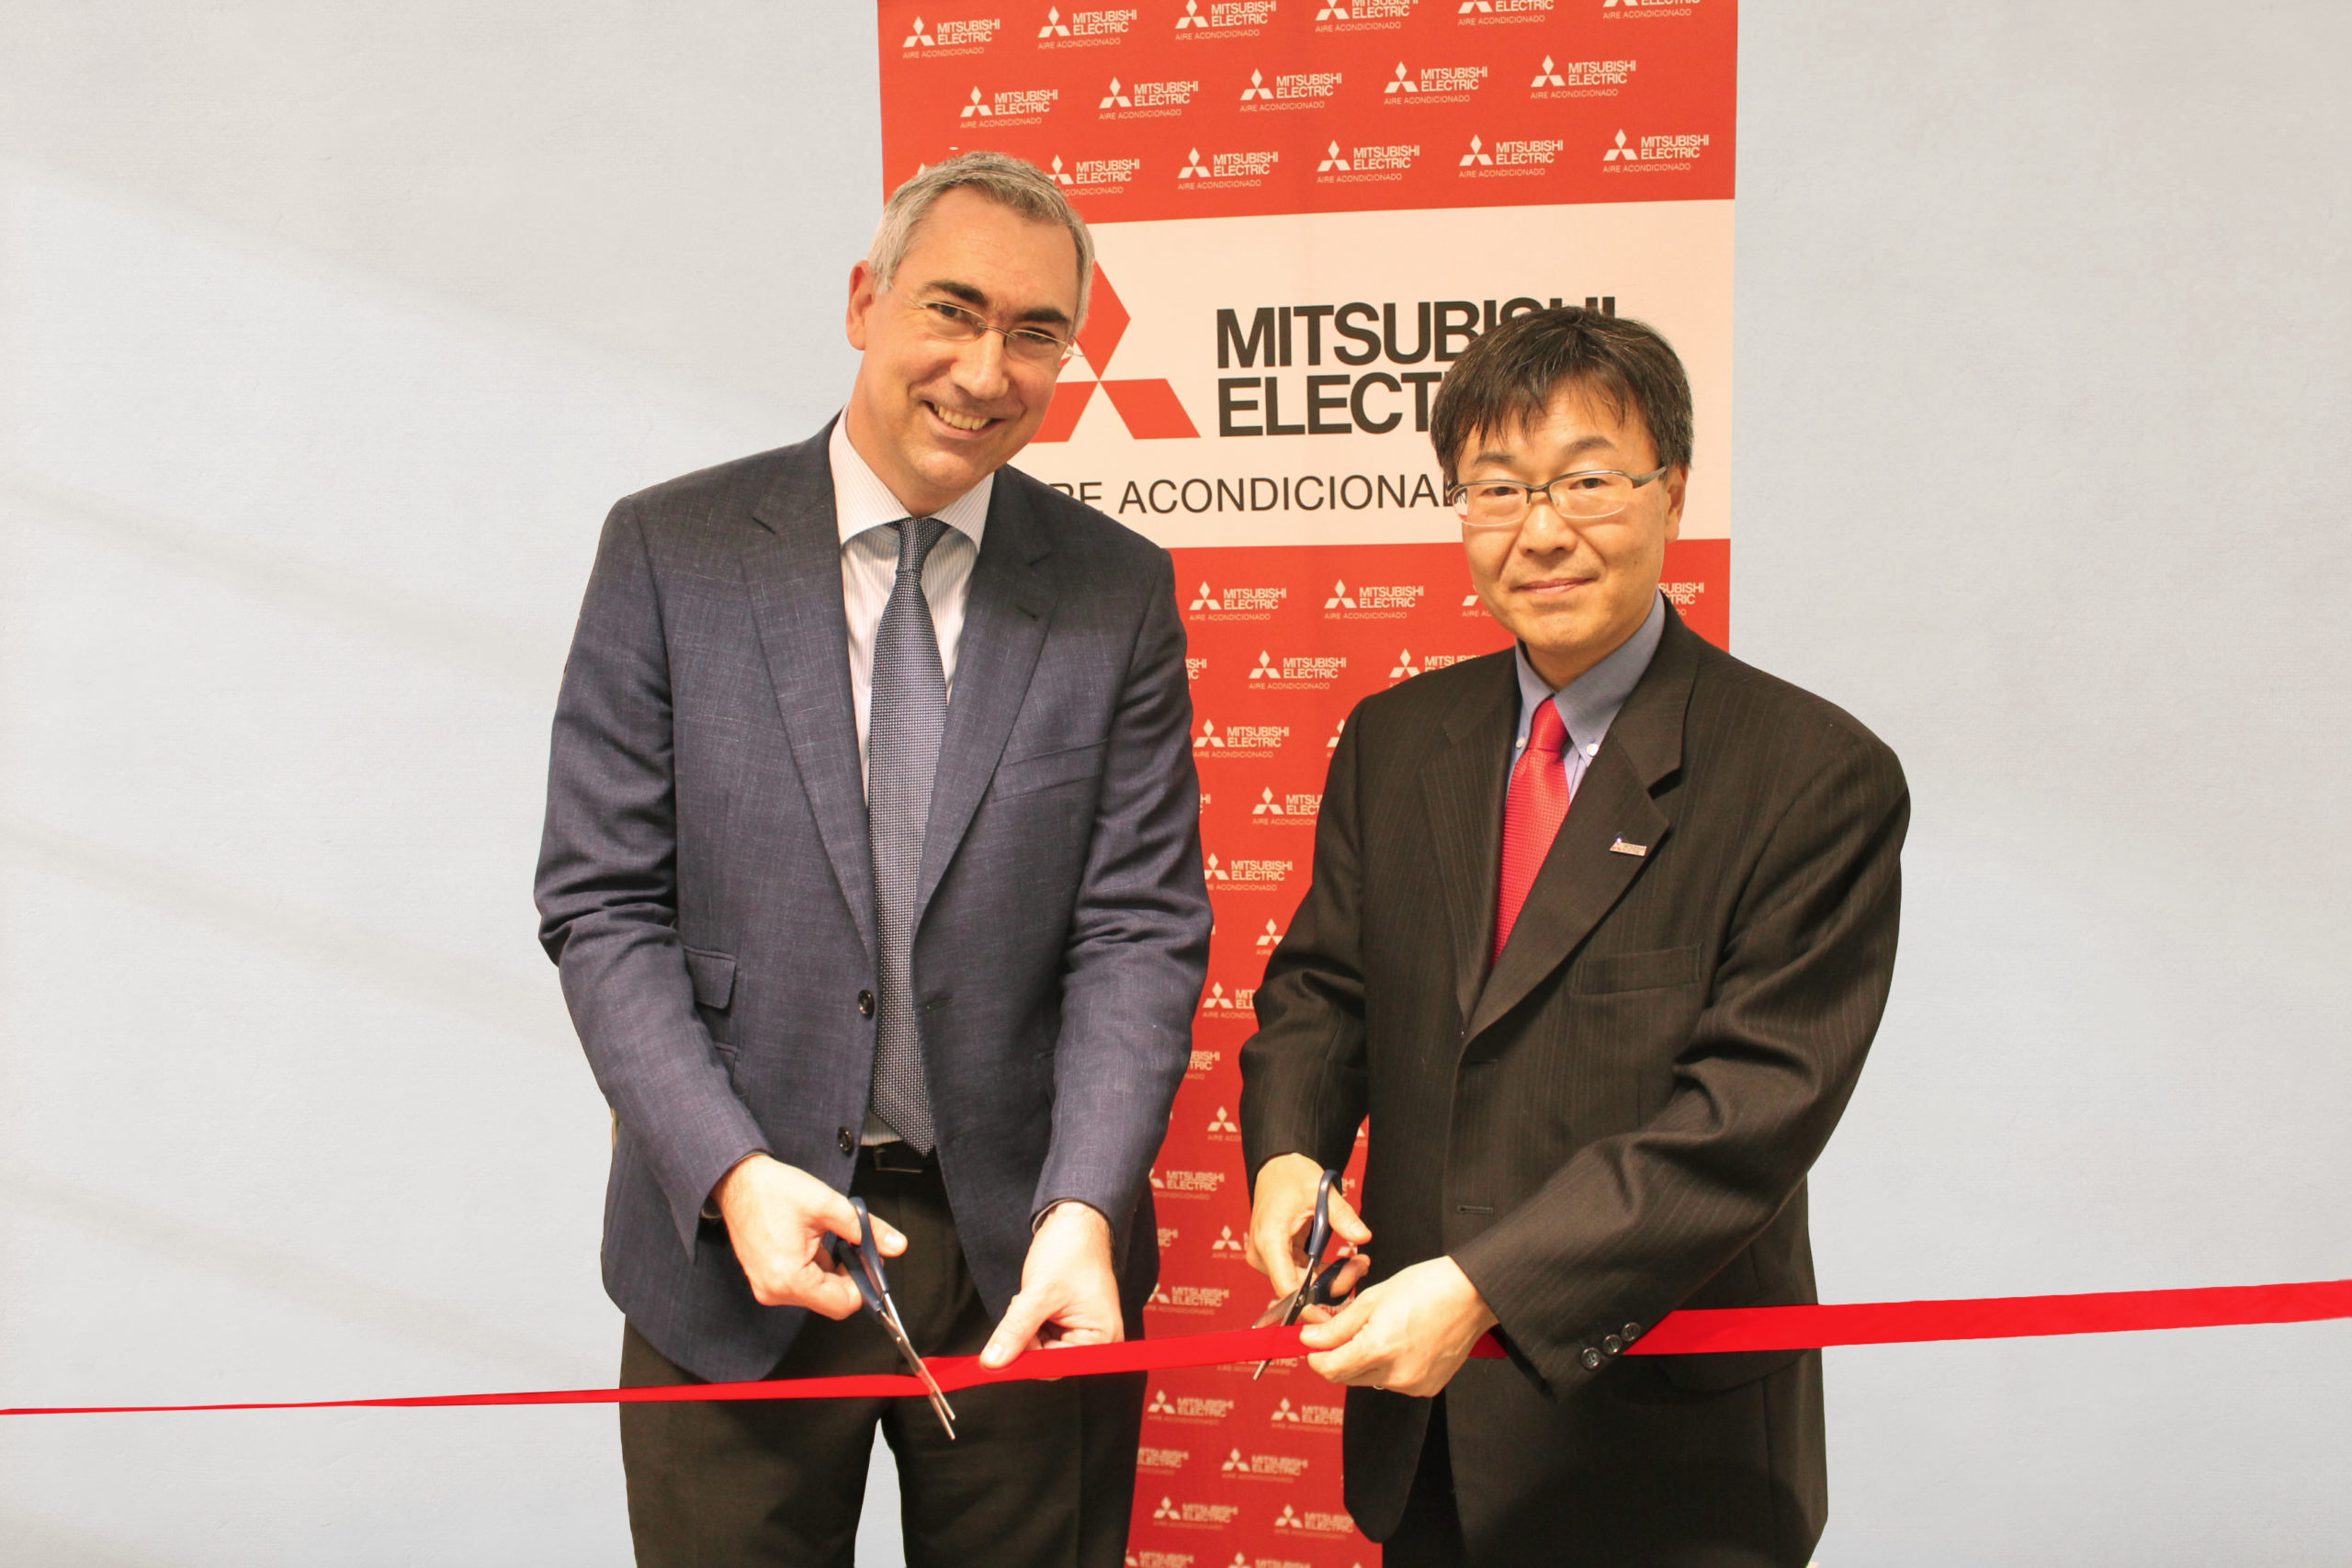 ANERR Mitsubishi